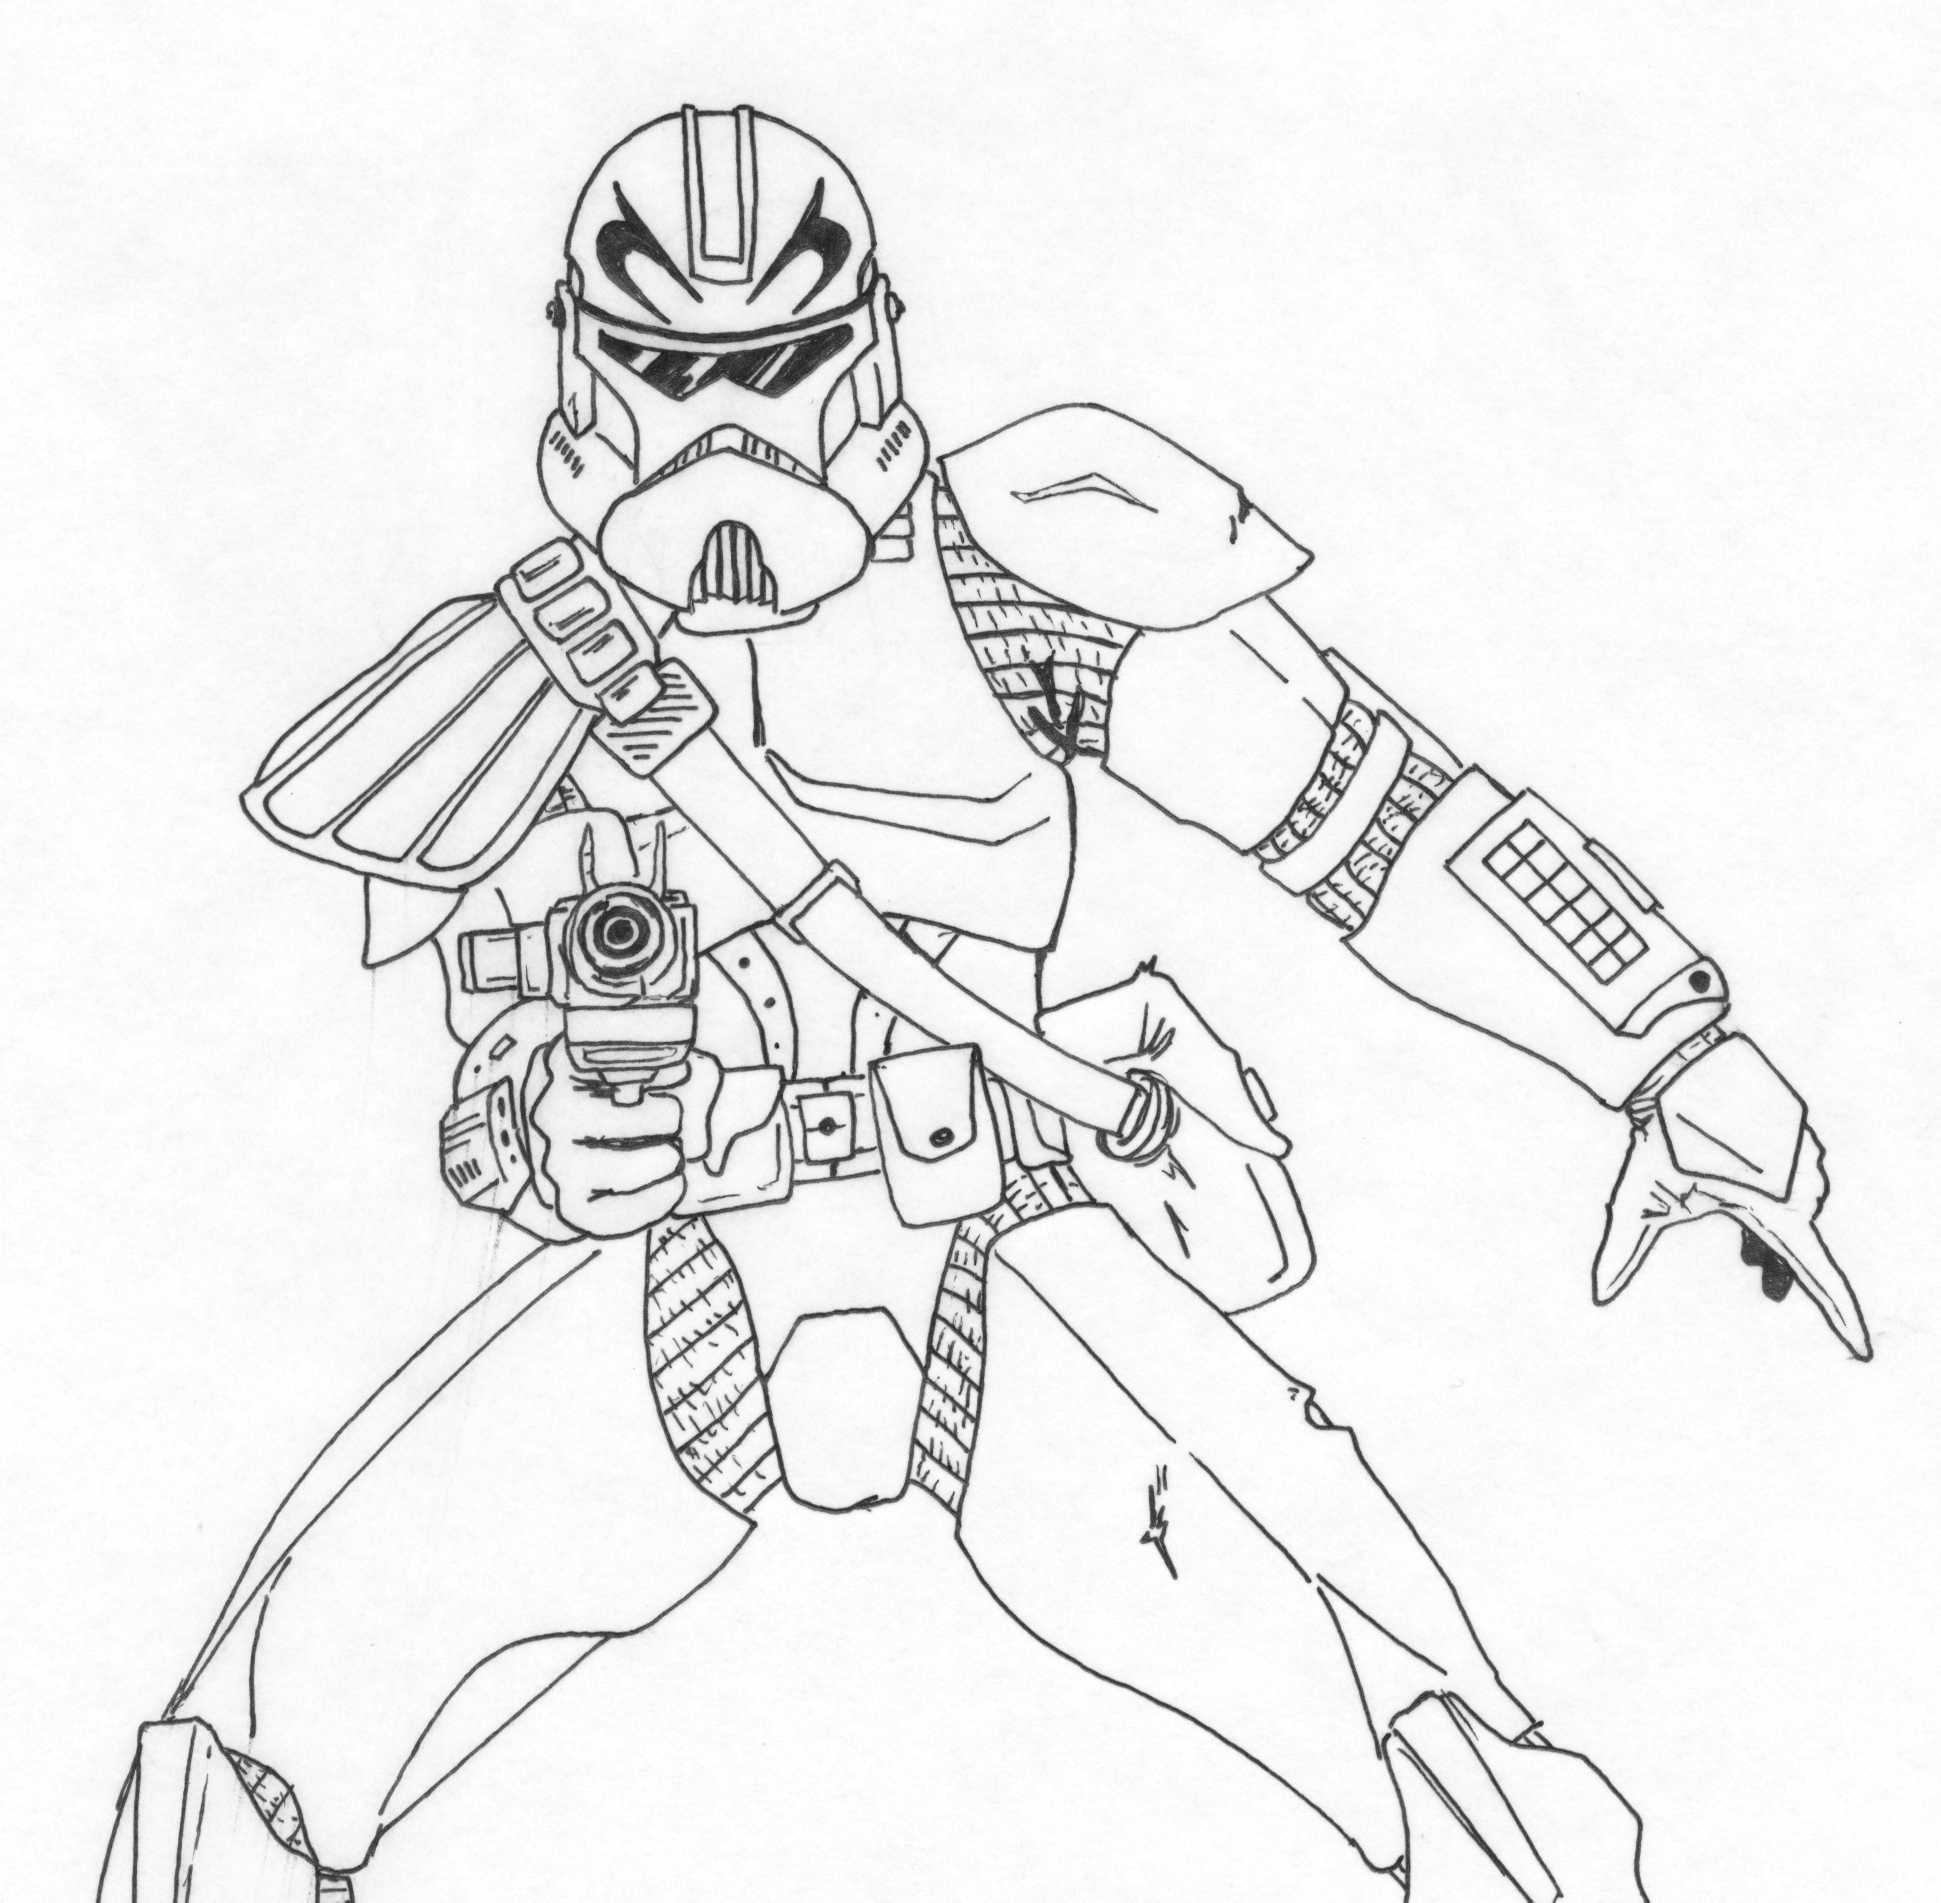 Captain Fordo, Phase II armor by Kuk-Man on DeviantArt